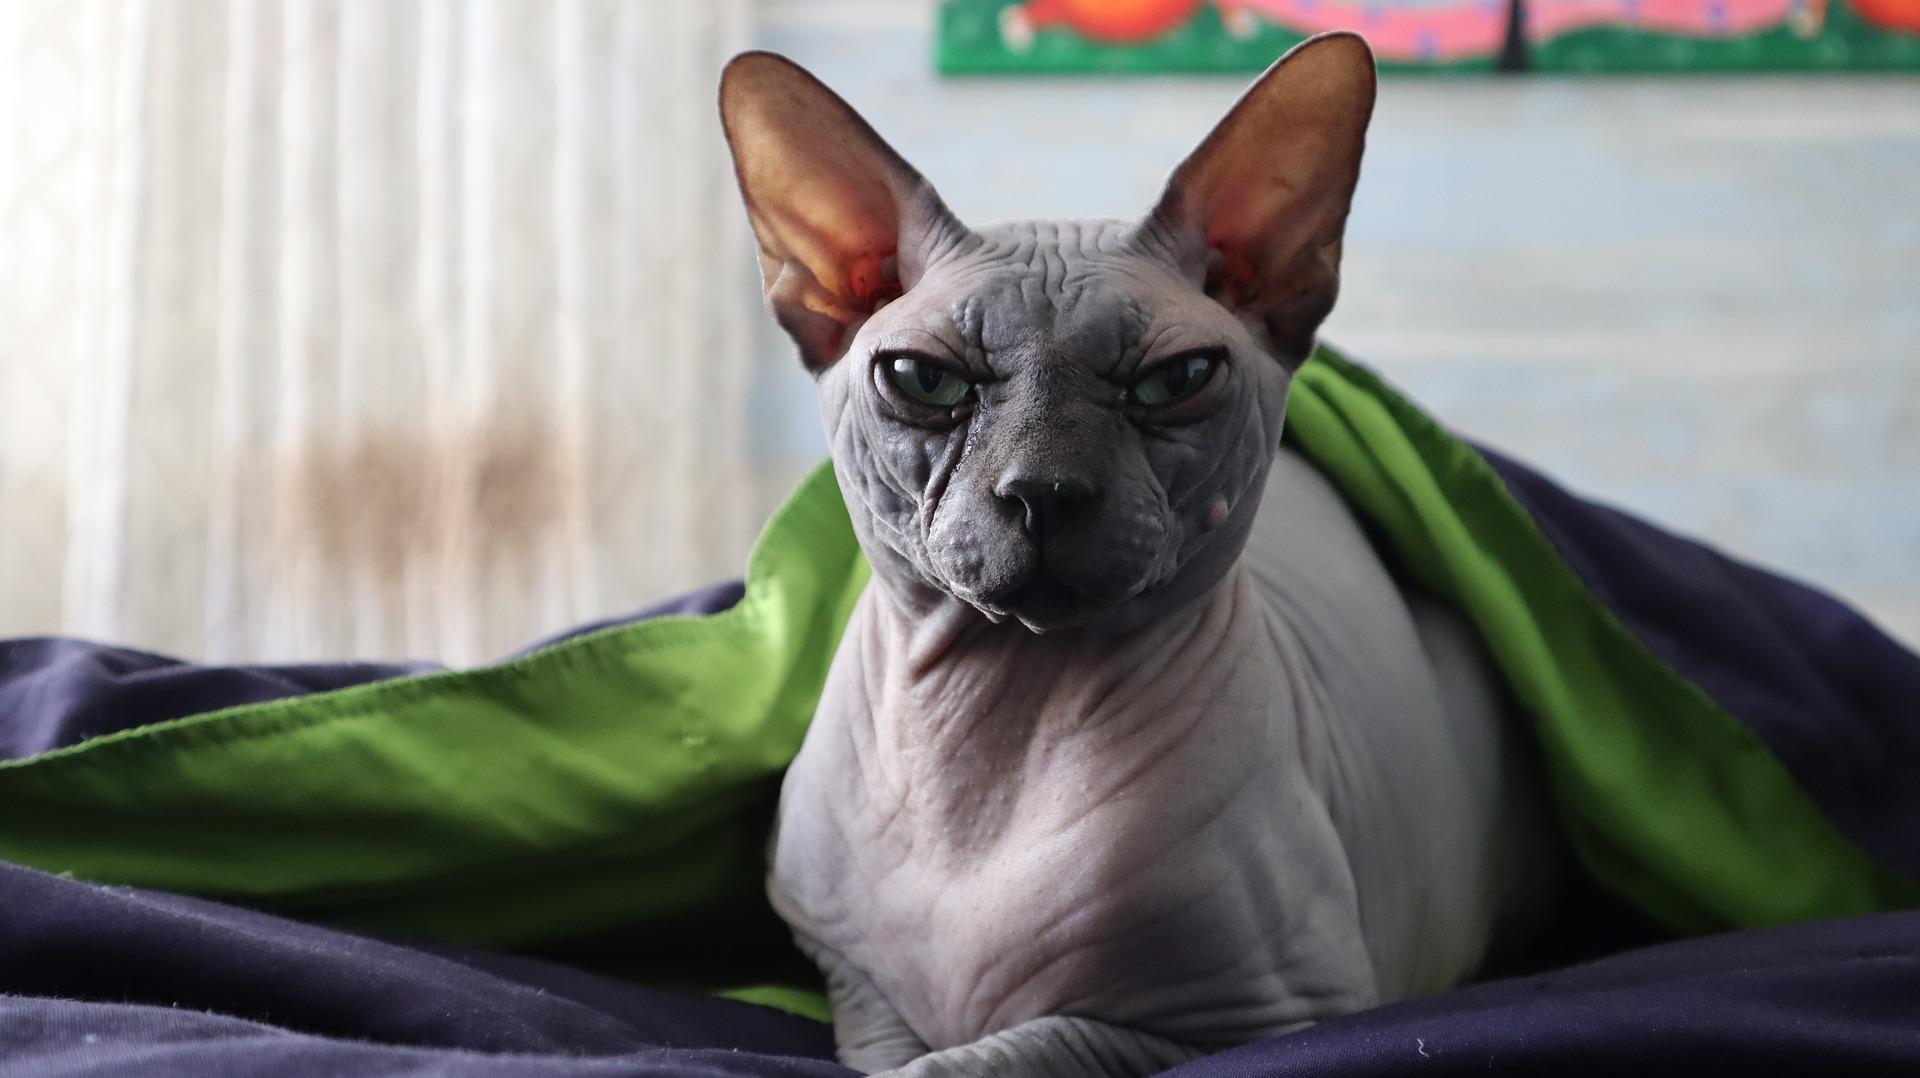 Nacktkatzen entstanden durch eine spontane genetische Mutation.